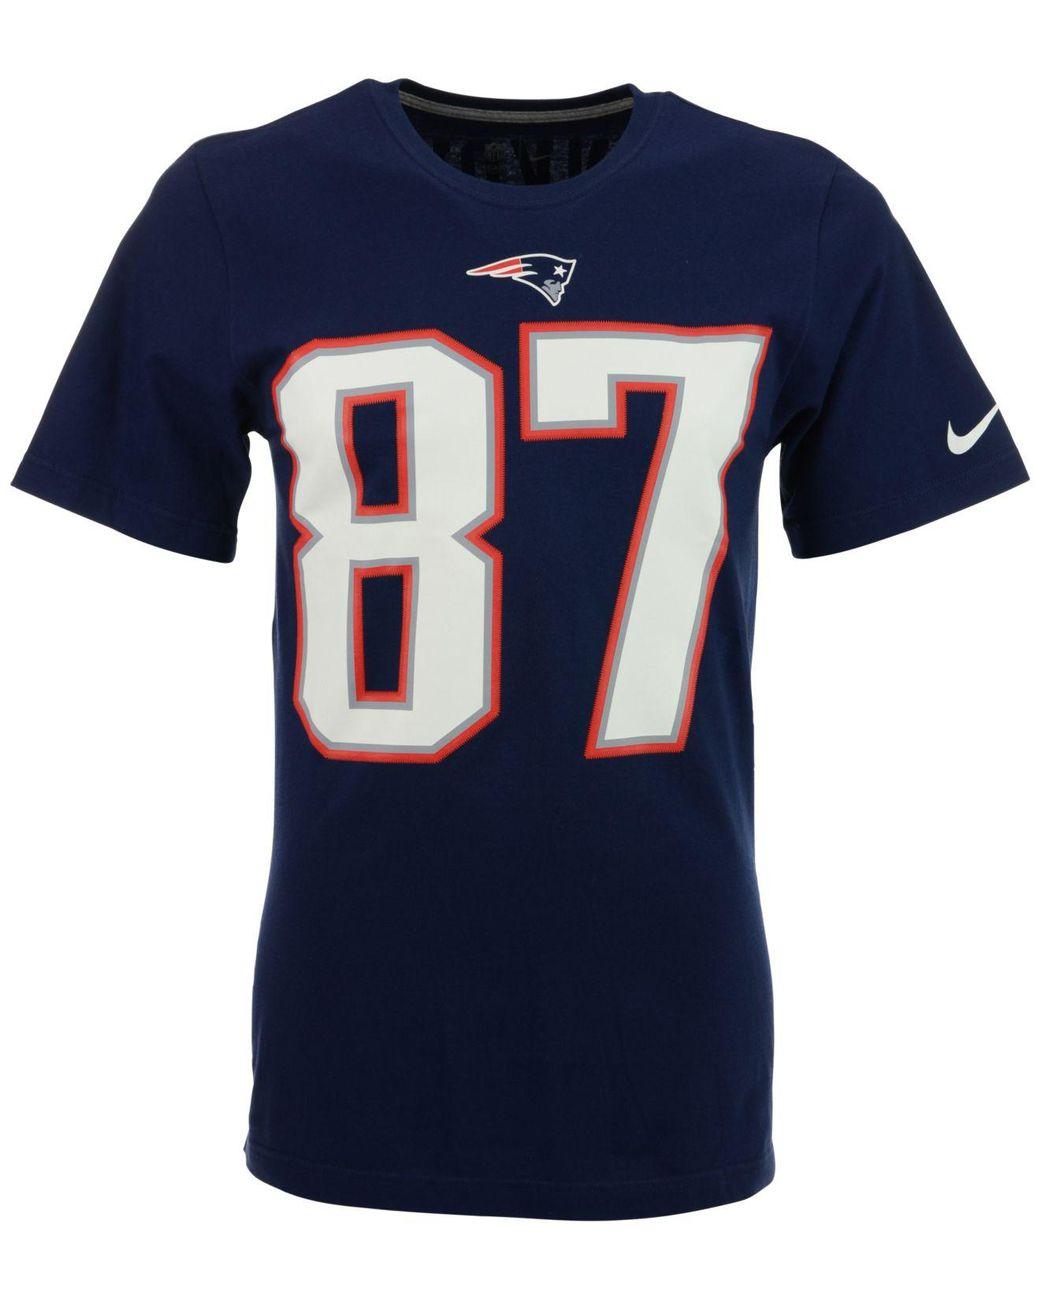 100% authentic 1de1c 778d6 Blue Men's Short-sleeve Rob Gronkowski New England Patriots Player T-shirt